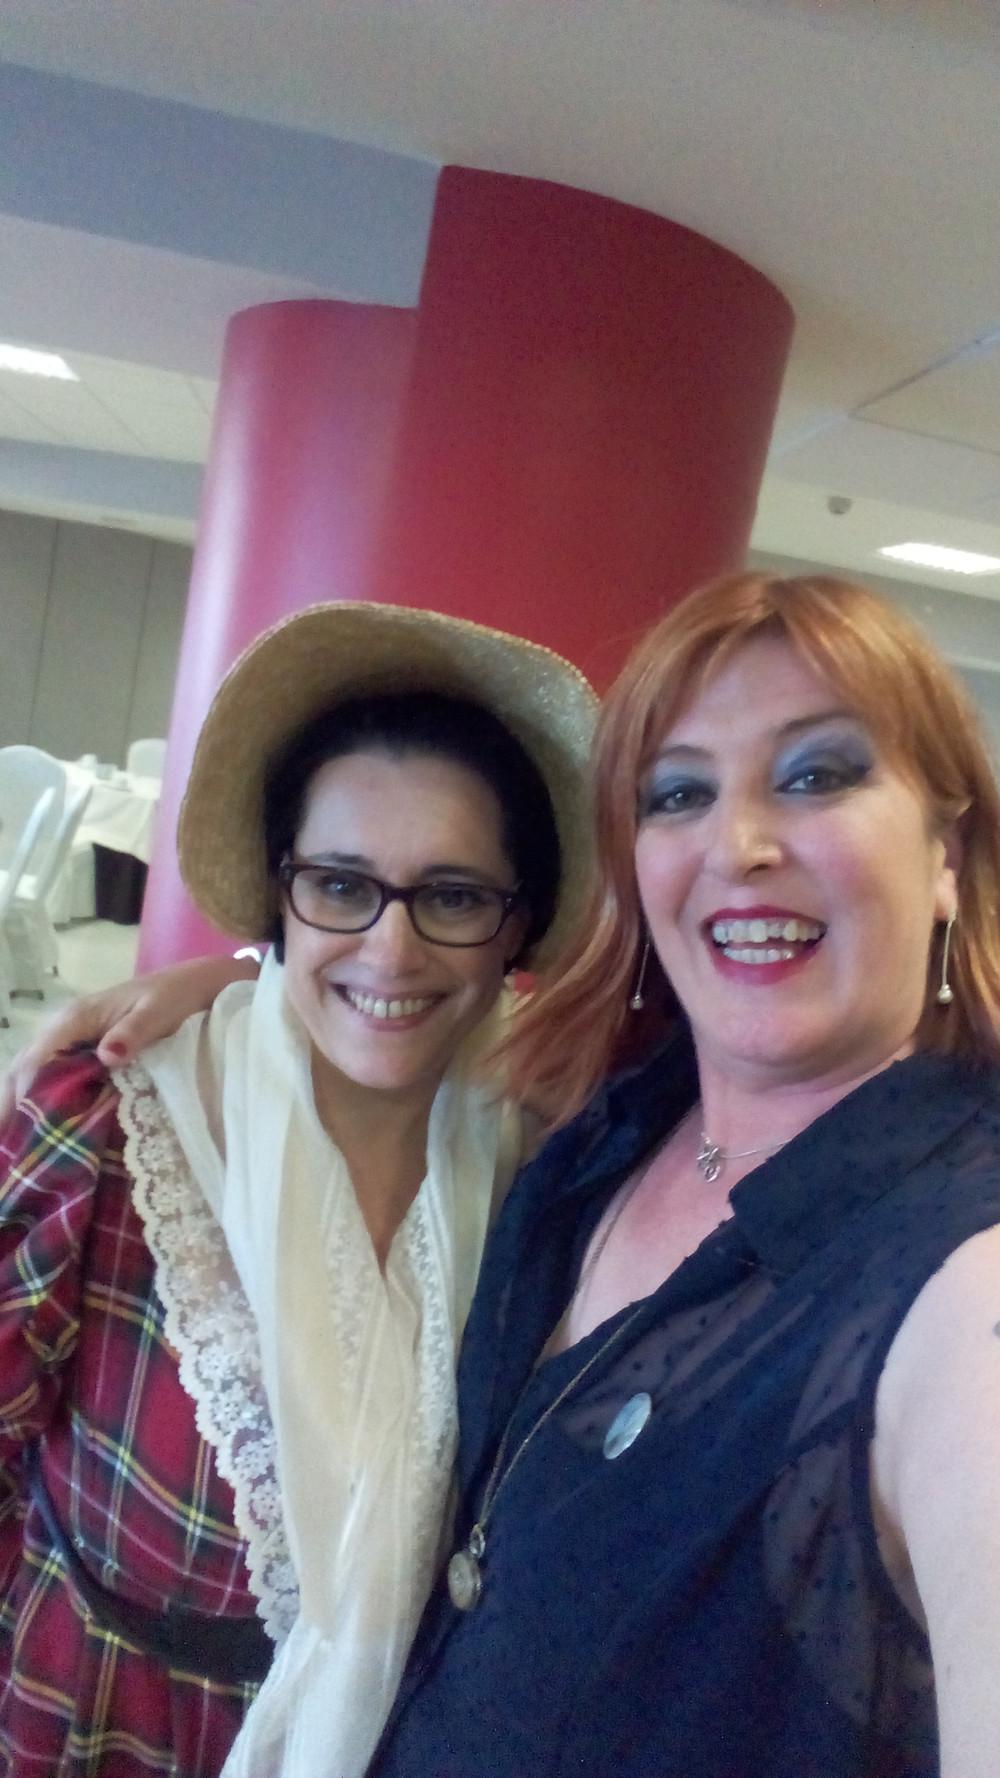 ¡Momentazo Jane Austen, junto a una mujer adorable a la que ya quiero mucho, Trinidad Palacios! ¡Cuántas sorpresas nos aguardaban aún!